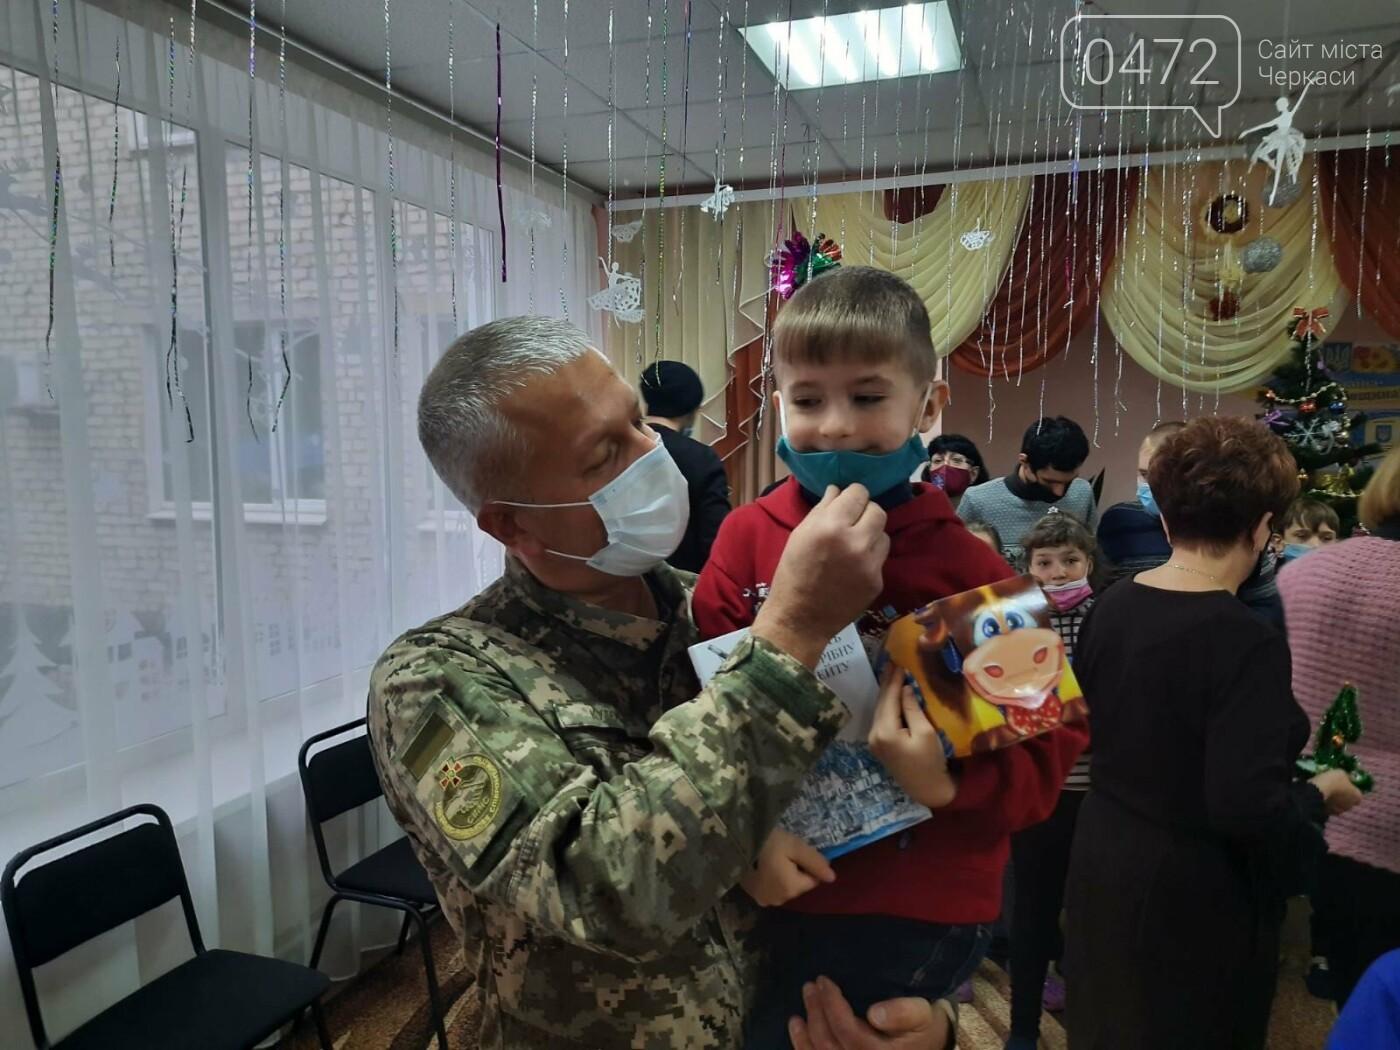 Святкове диво: «АТБ» допомагає тисячам українських родин потішити дитину в день Святого Миколая, фото-3